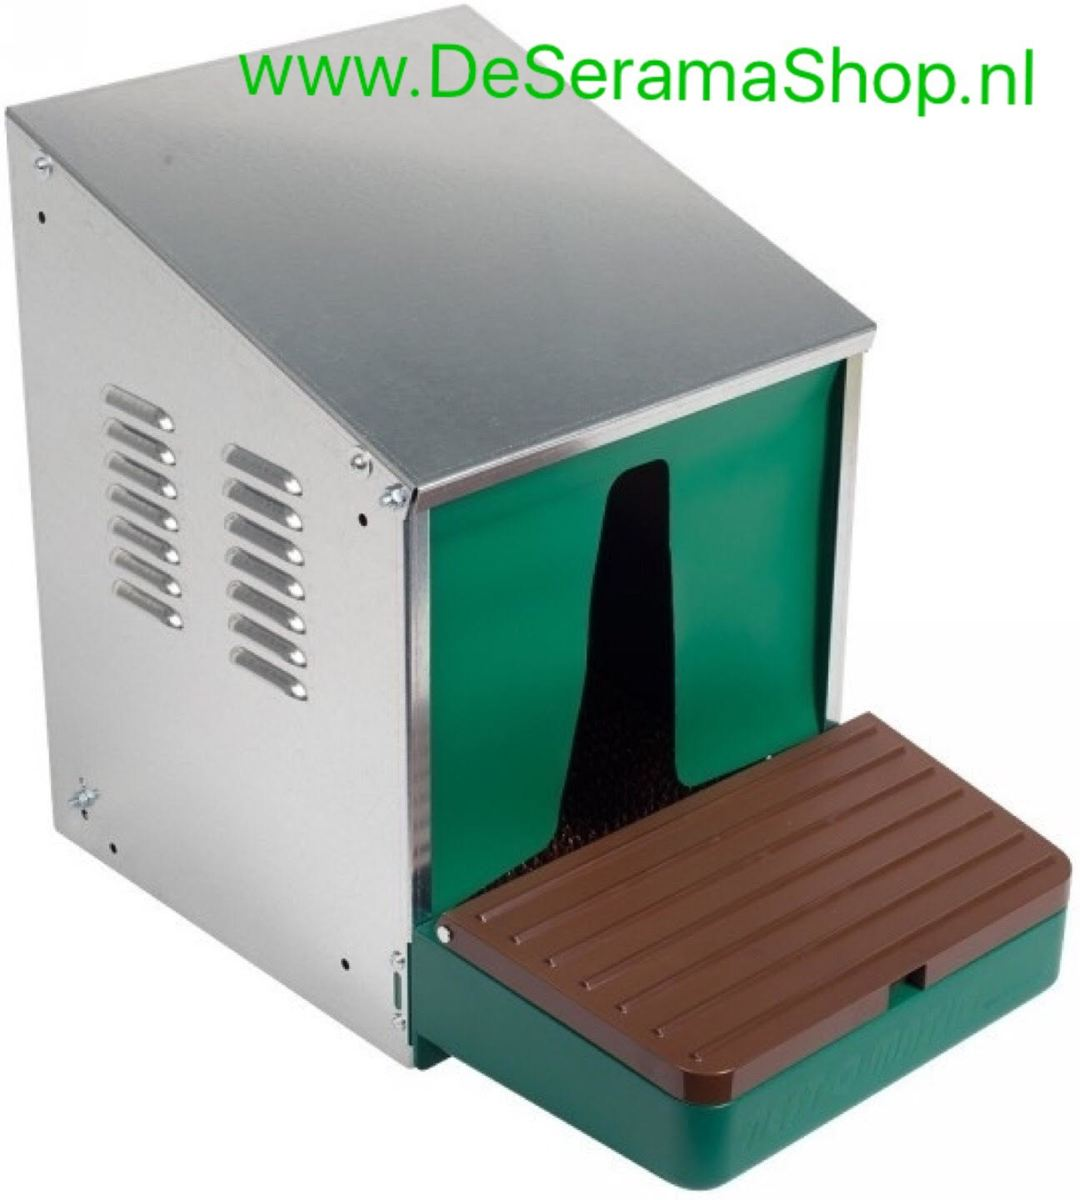 LegOMatic Legnest - Aluminium - Groen